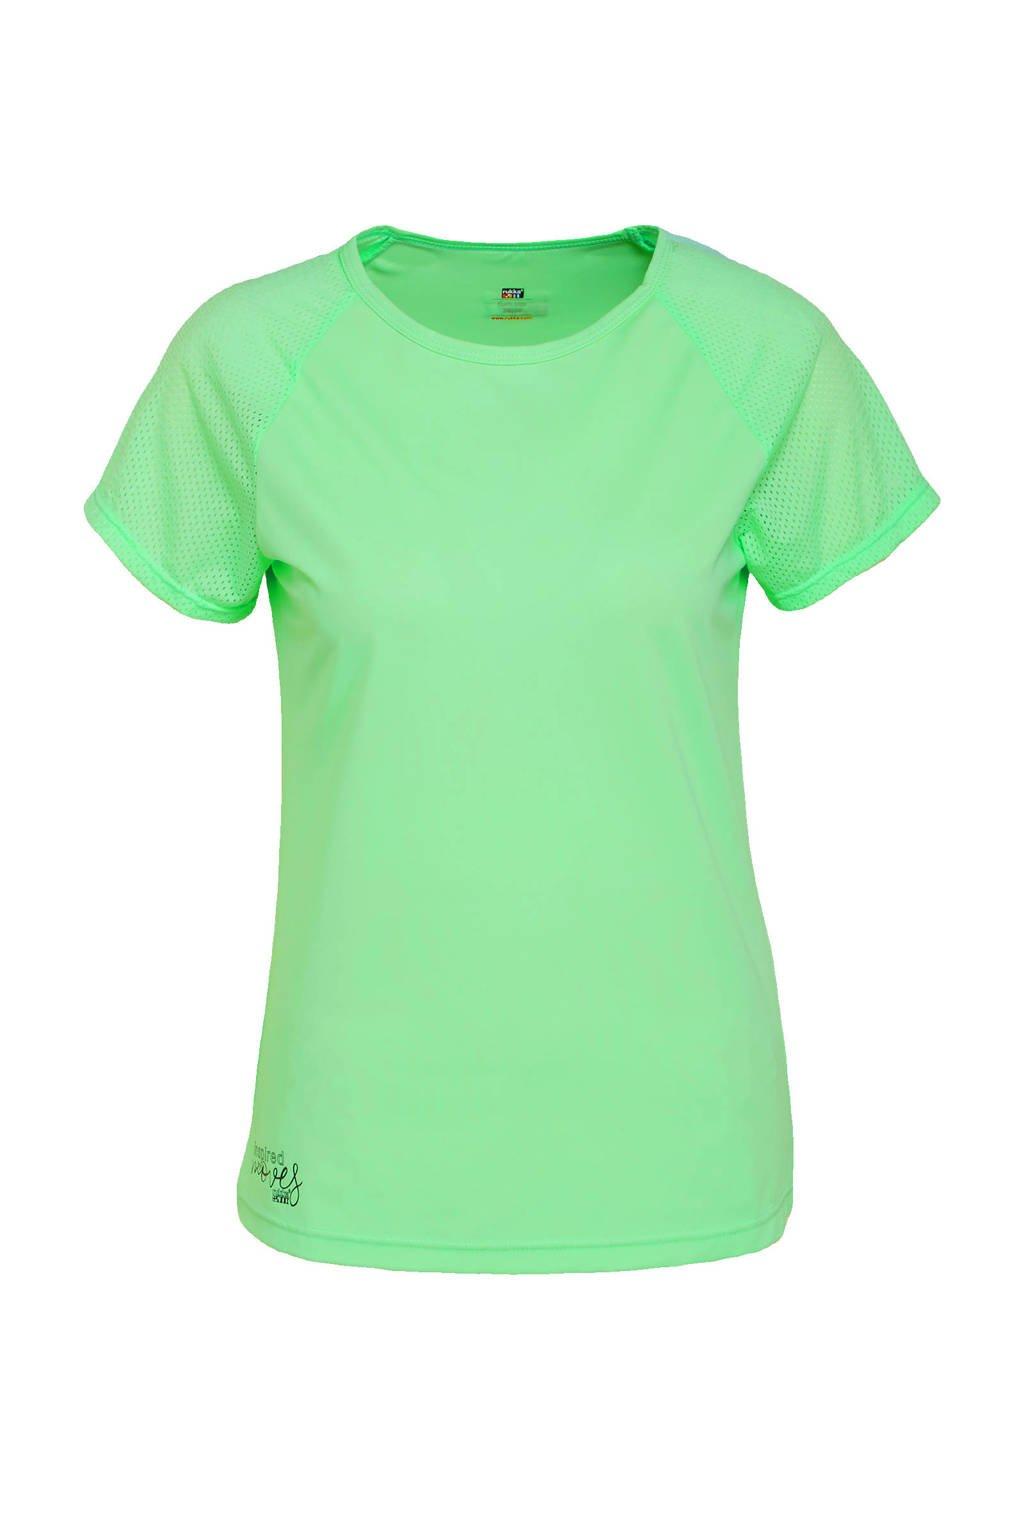 Rukka Viitapohja Hardloop t-shirt lichtgroen, Lichtgroen